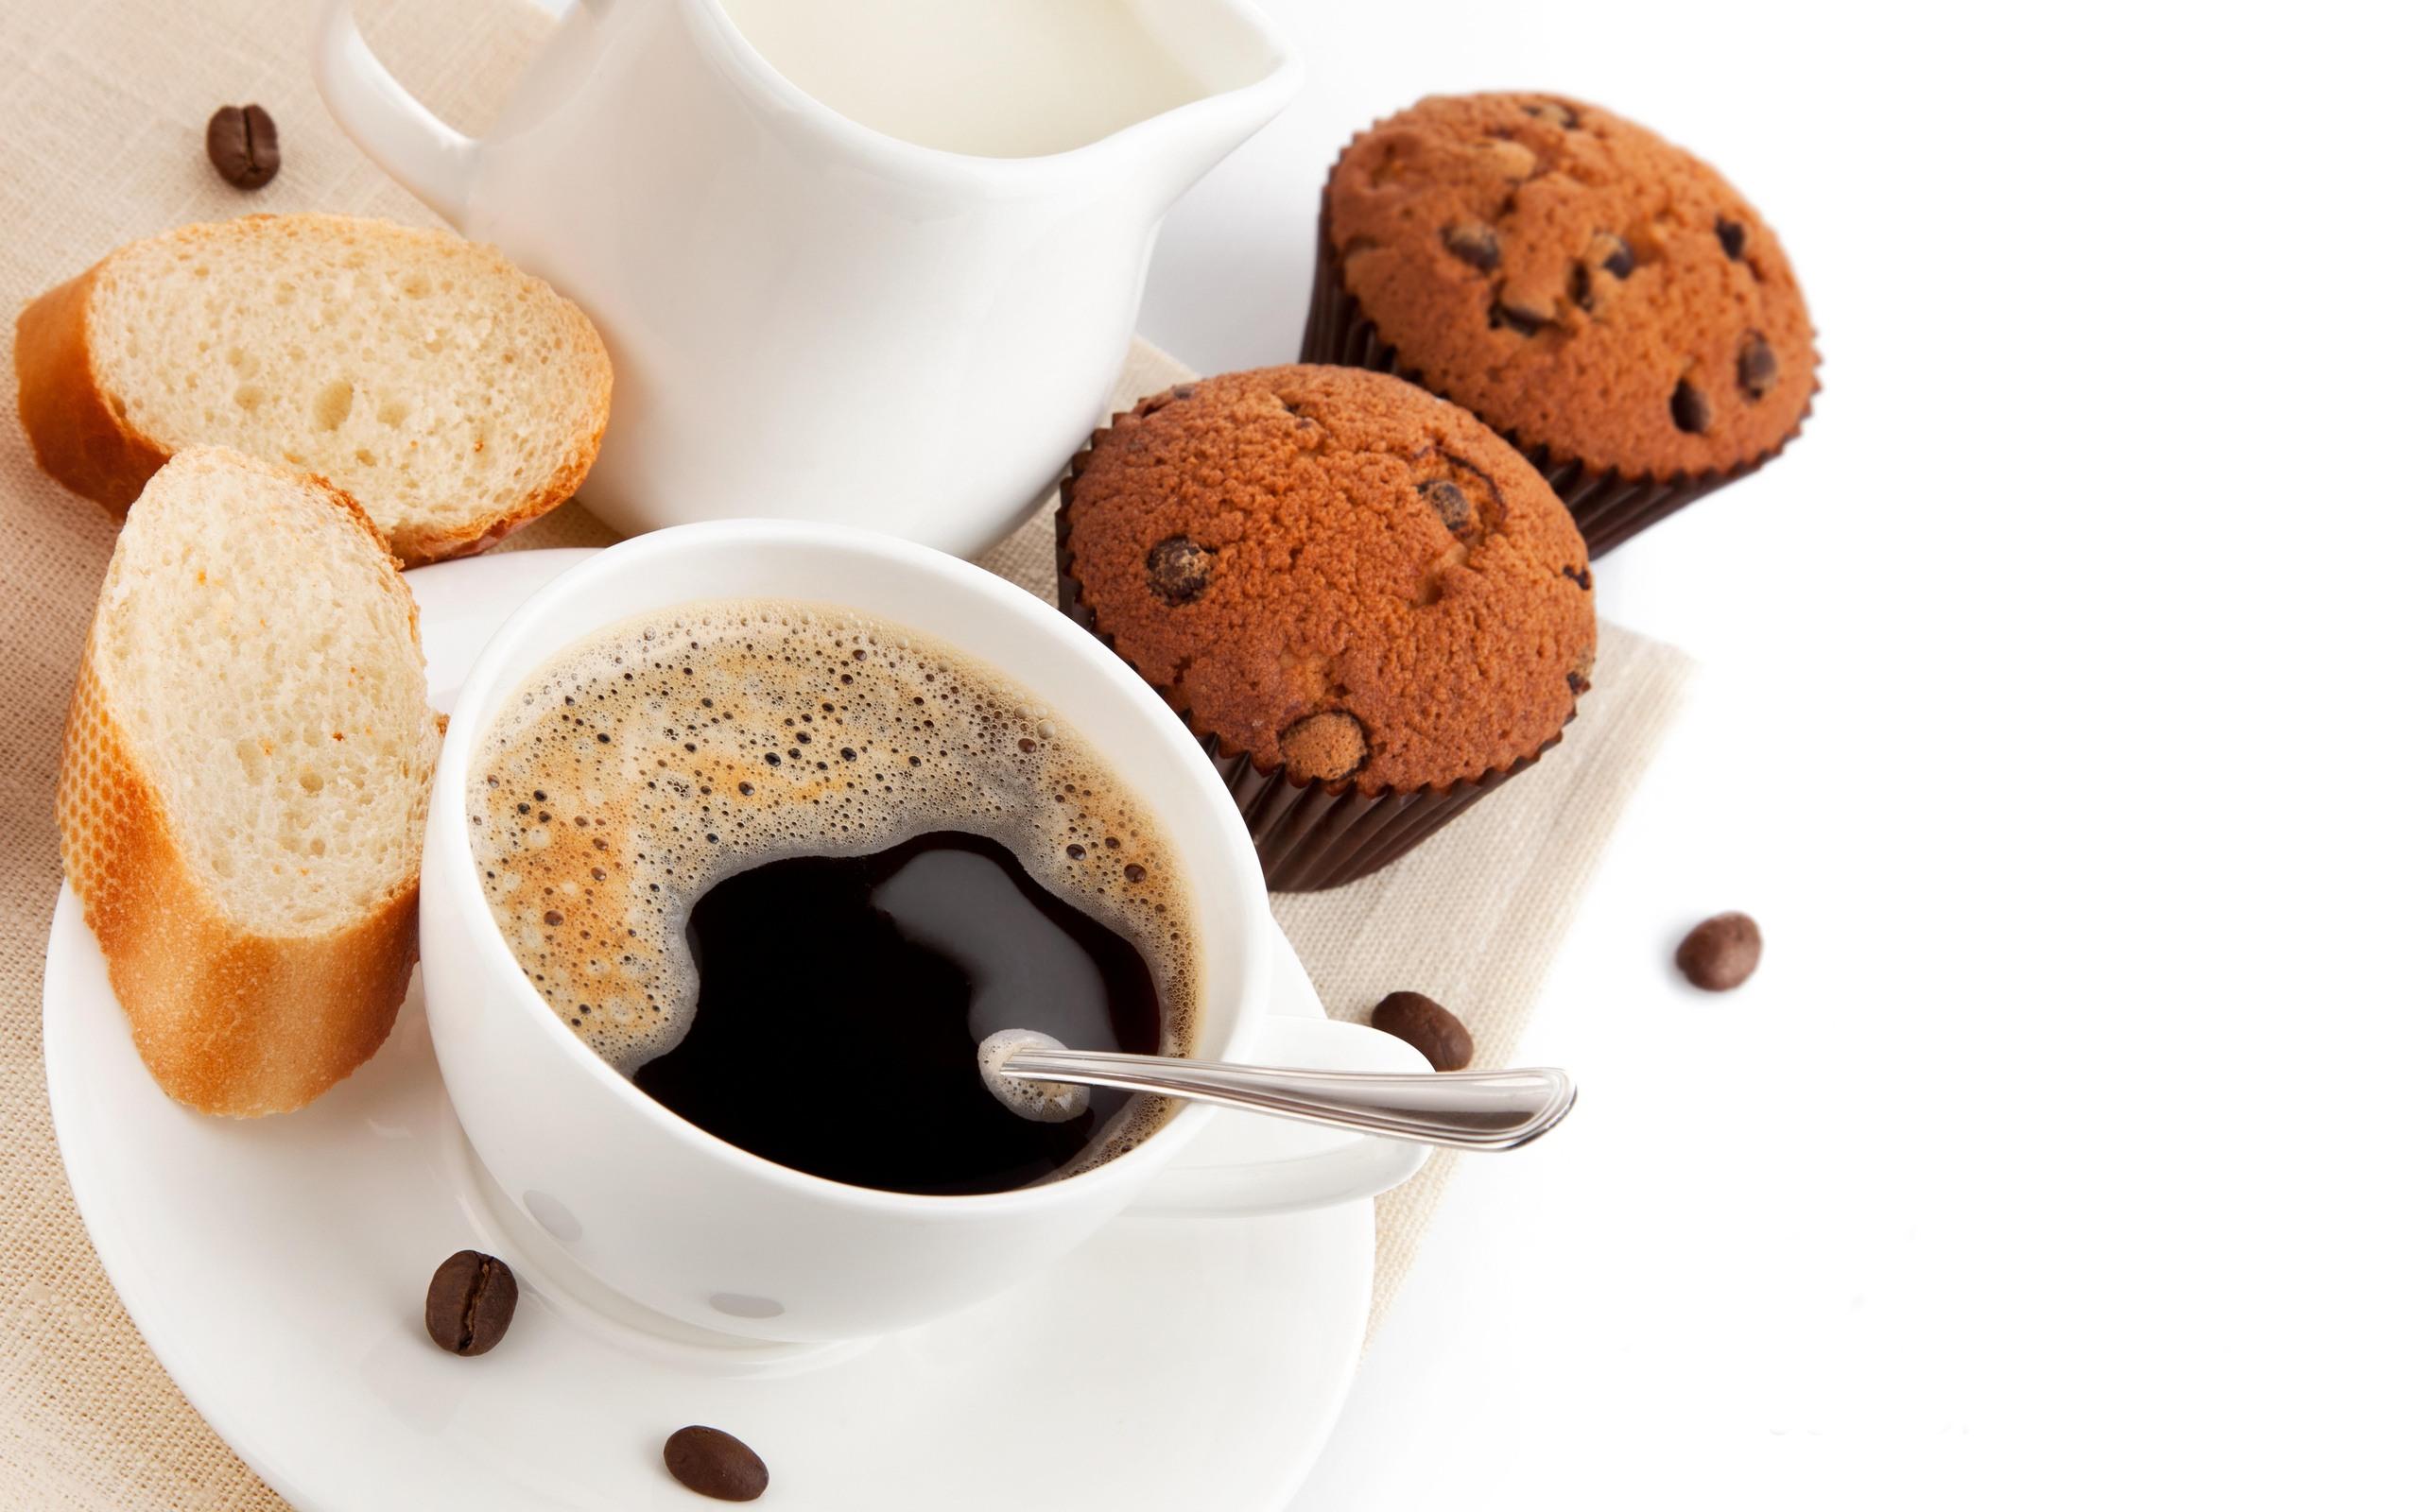 кофе со сладостями  № 140266 загрузить